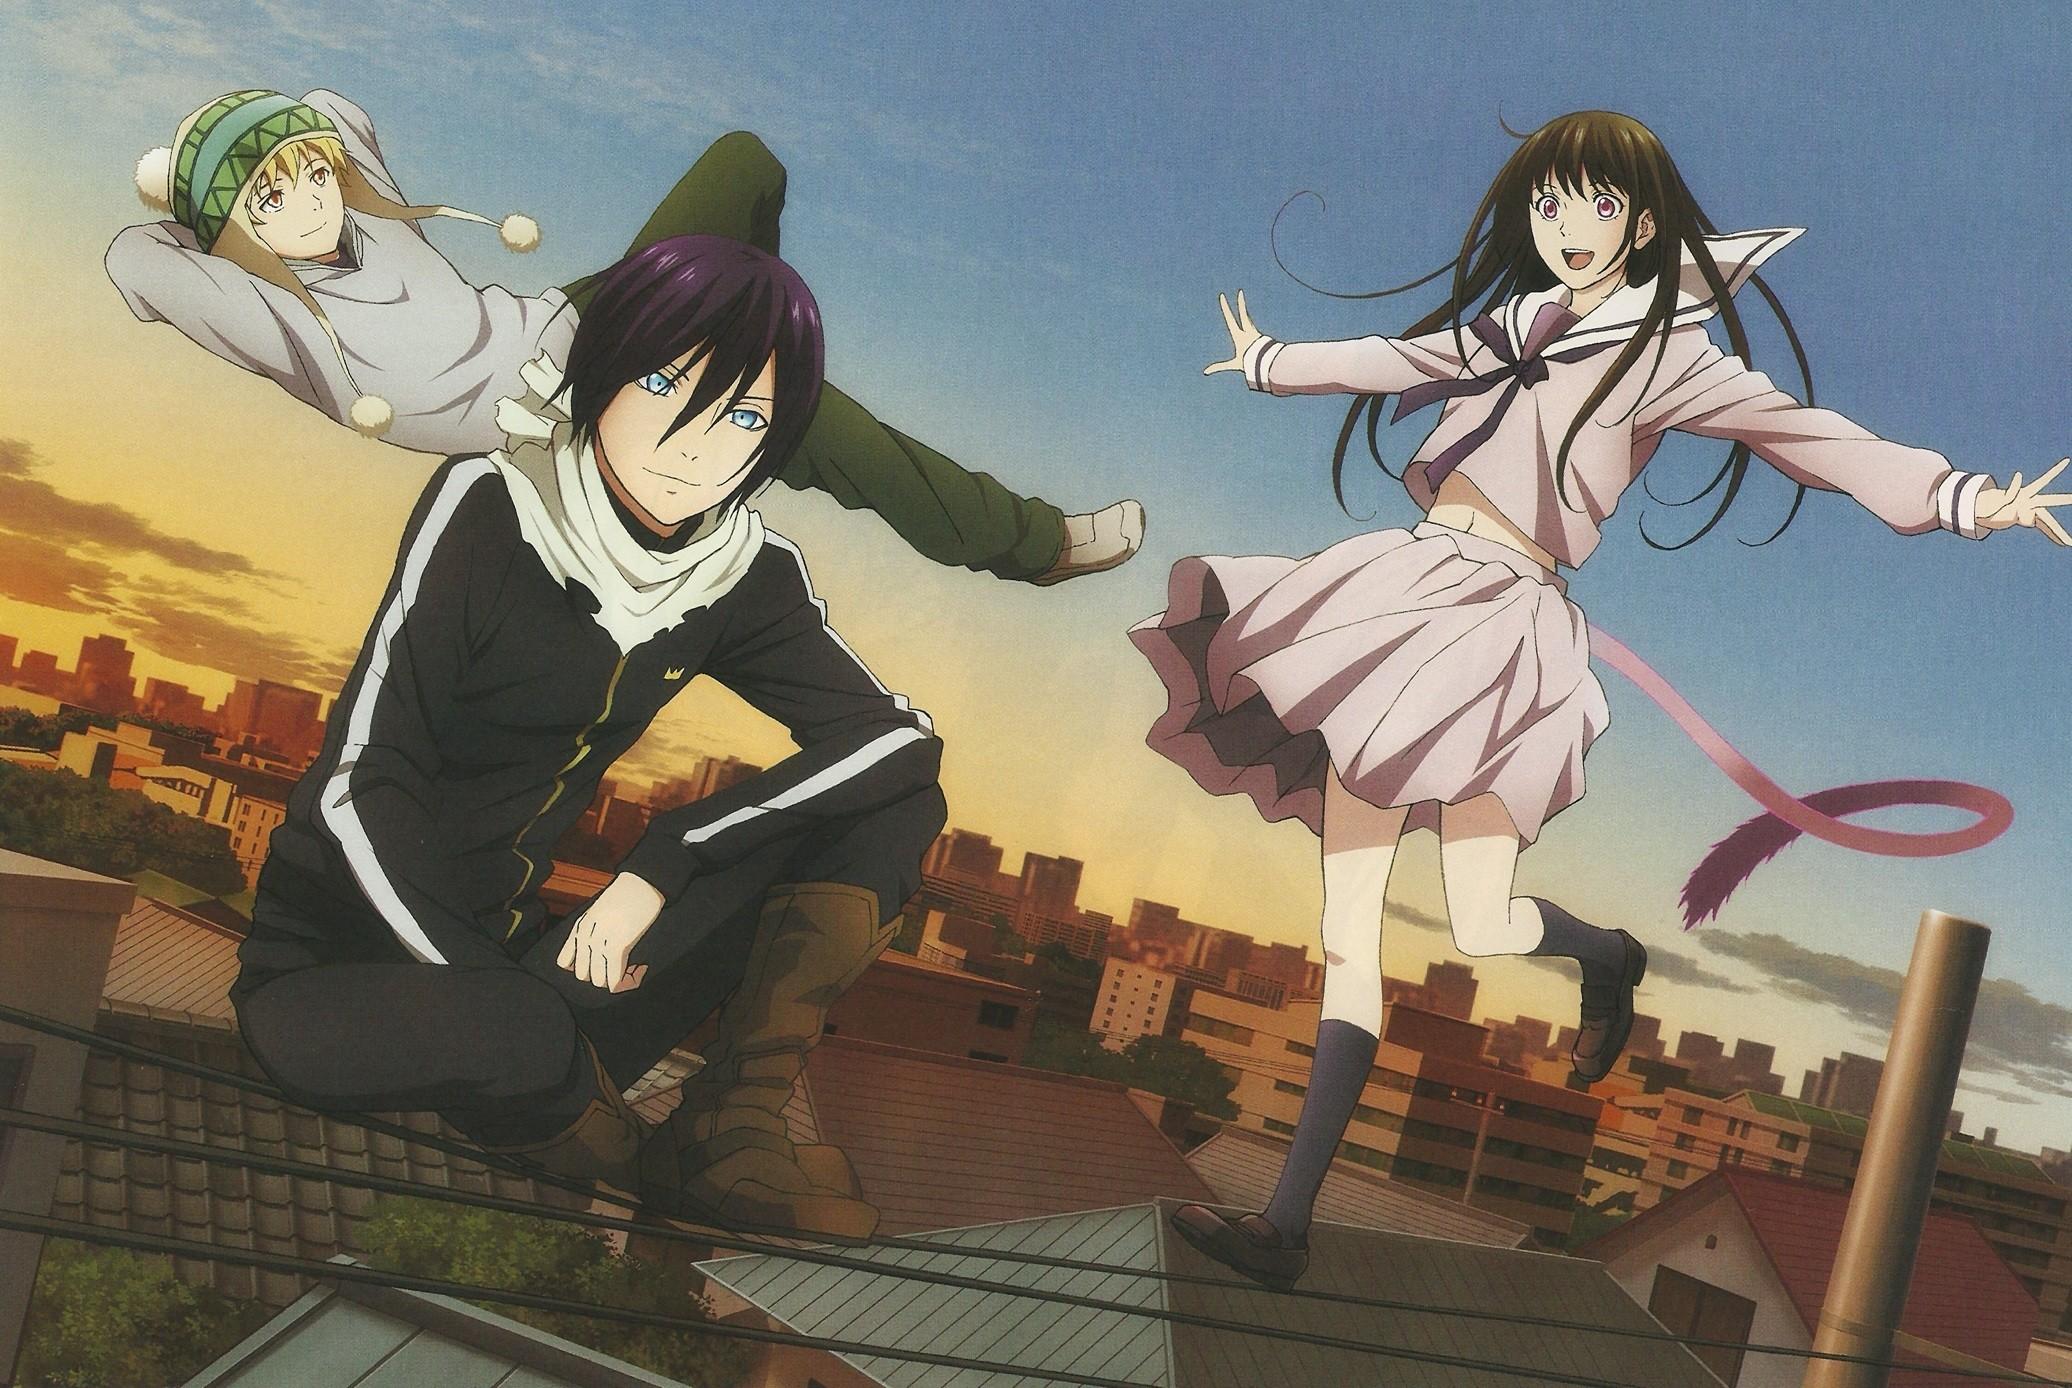 Anime Noragami Yato Yukine Hiyori Iki Wallpaper